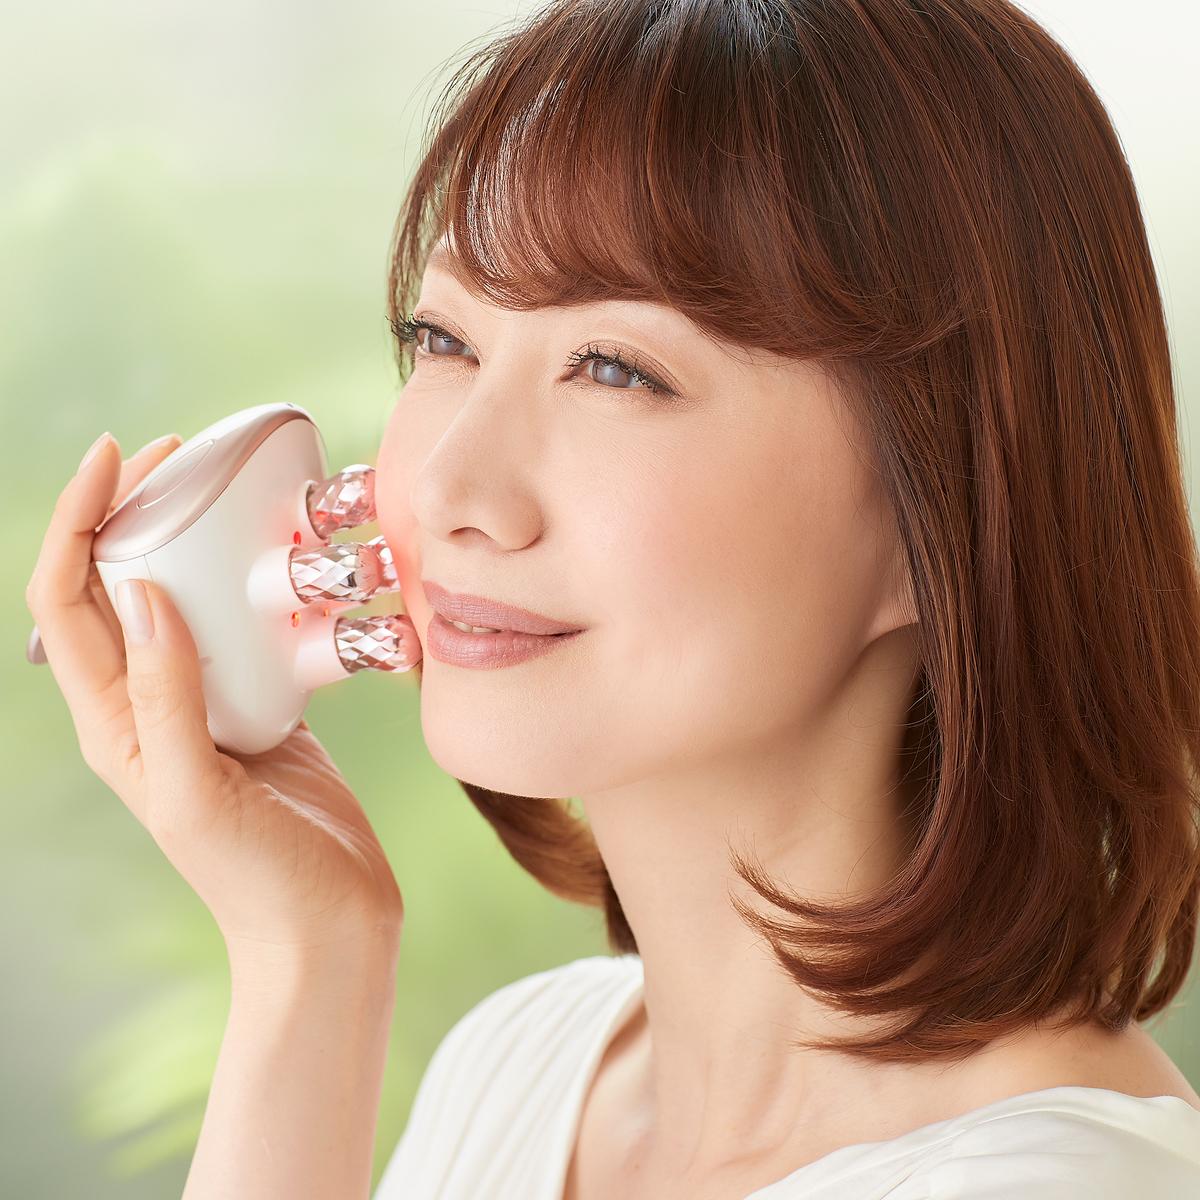 Me ミニョン 美顔 器 口コミ MEミニョン美顔器の口コミや効果!使い方や使用中の痛みは?